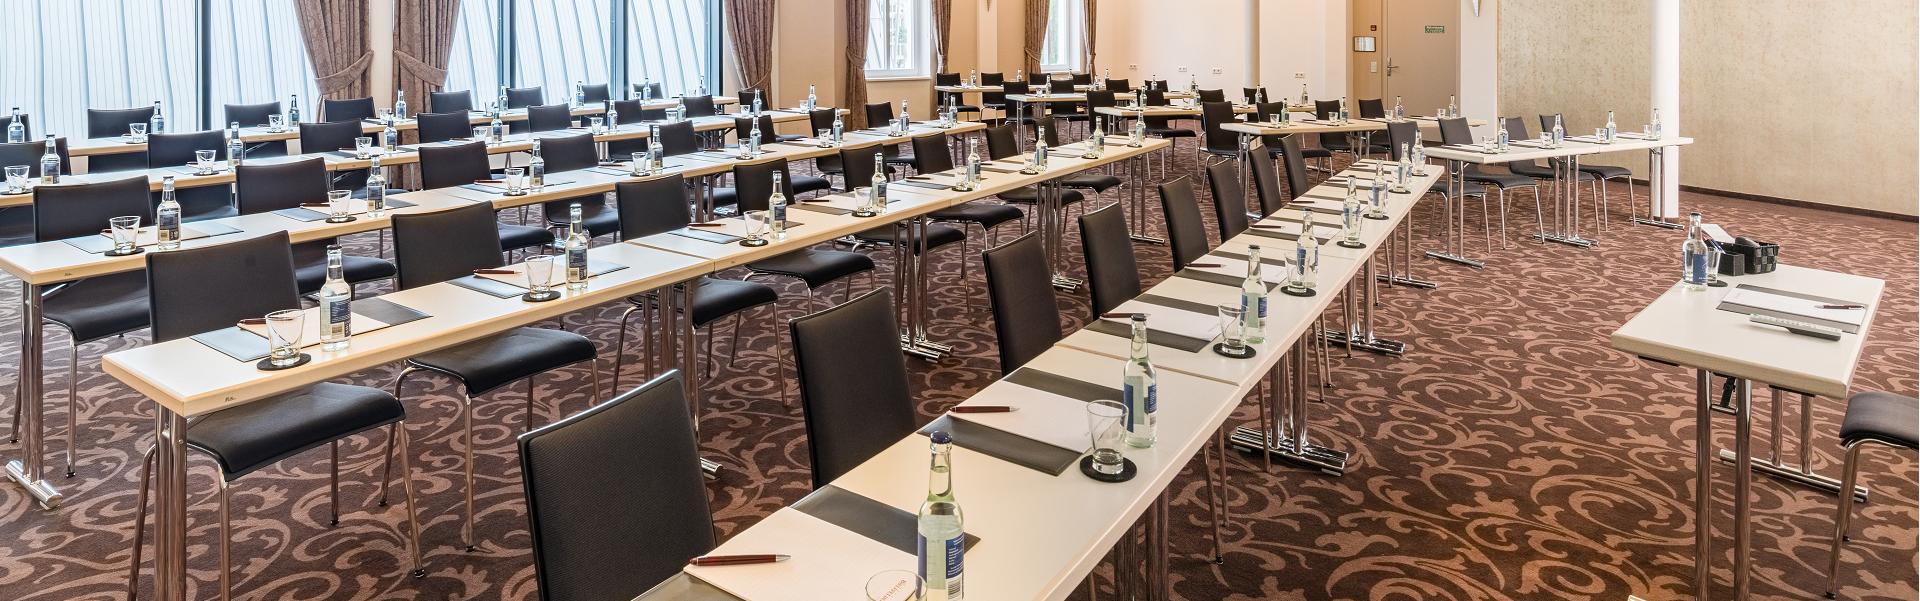 Bielefelder Hof Saal für Tagungen